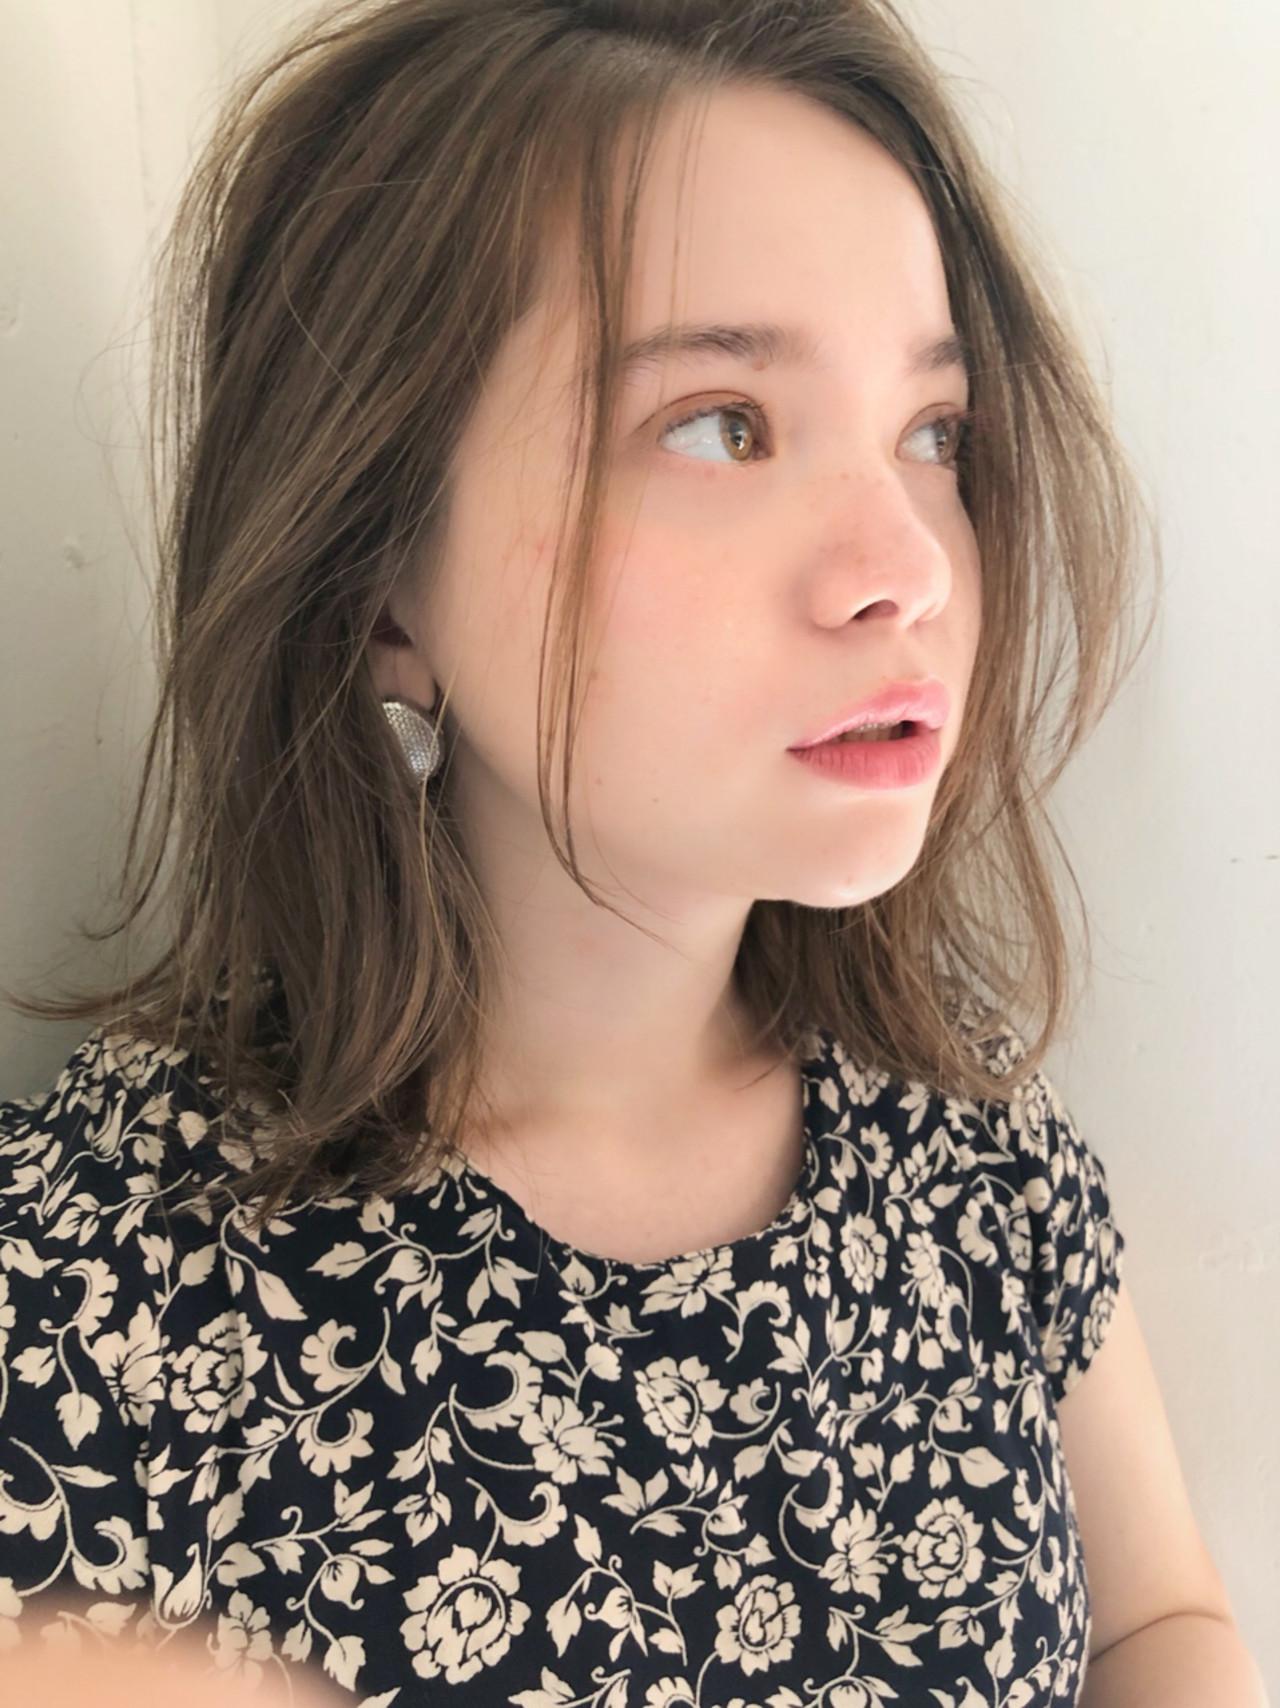 アウトドア アンニュイほつれヘア ガーリー ミディアム ヘアスタイルや髪型の写真・画像